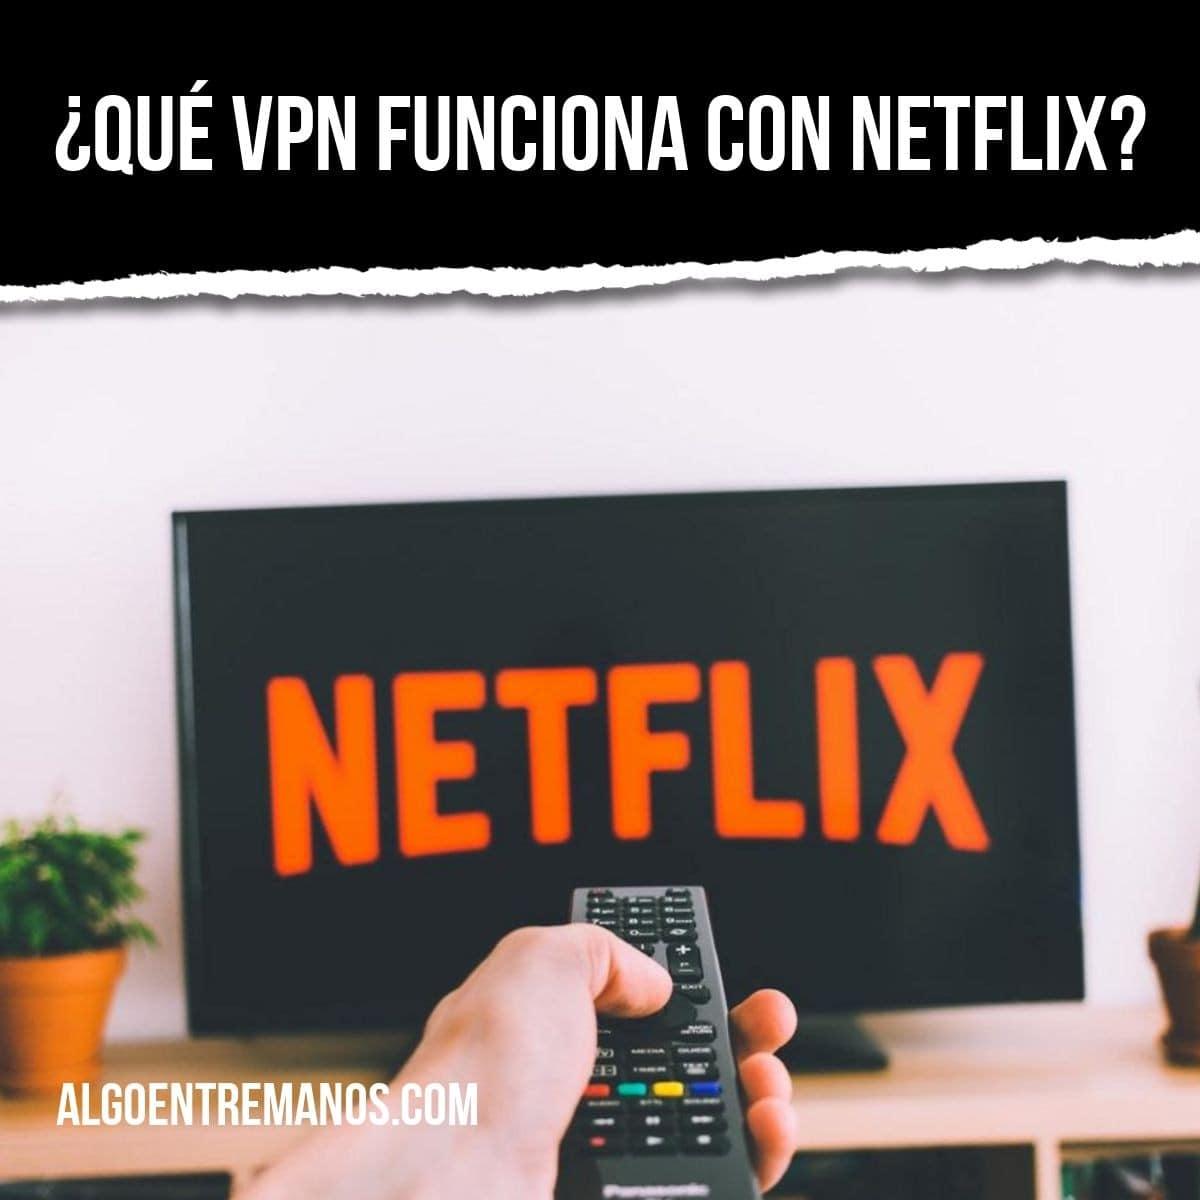 ¿Qué VPN funciona con Netflix?